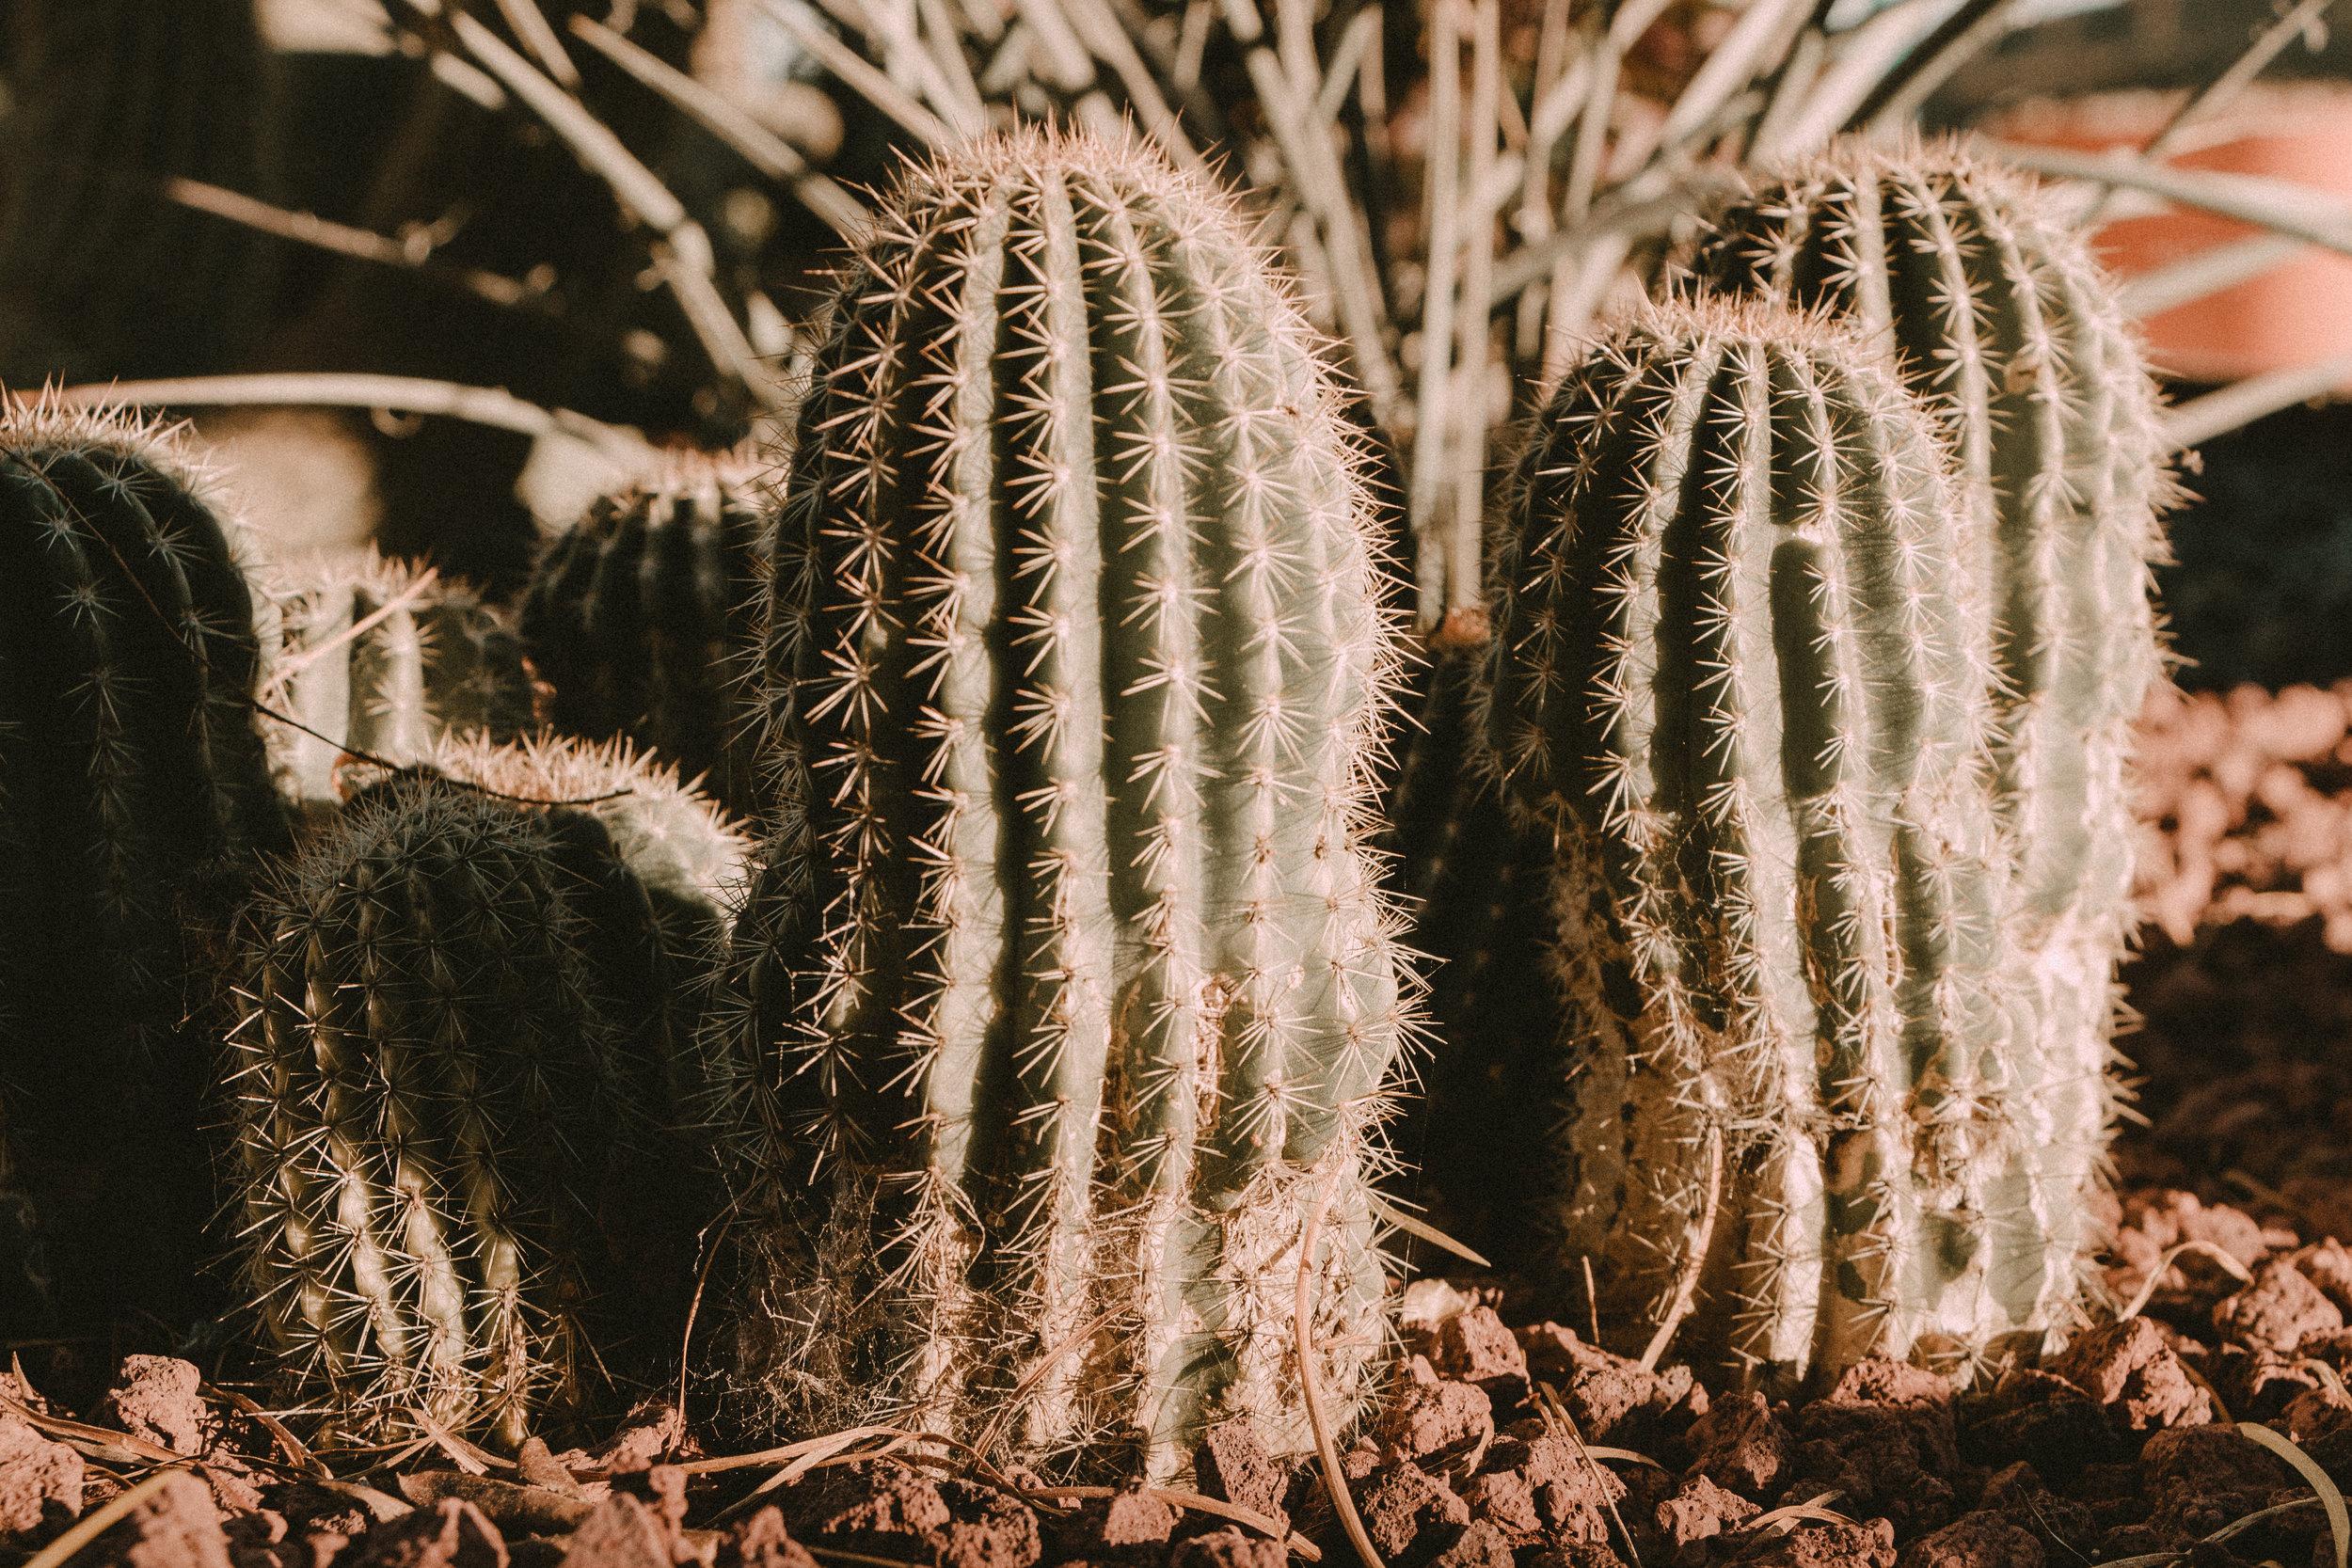 arboretum-13.jpg